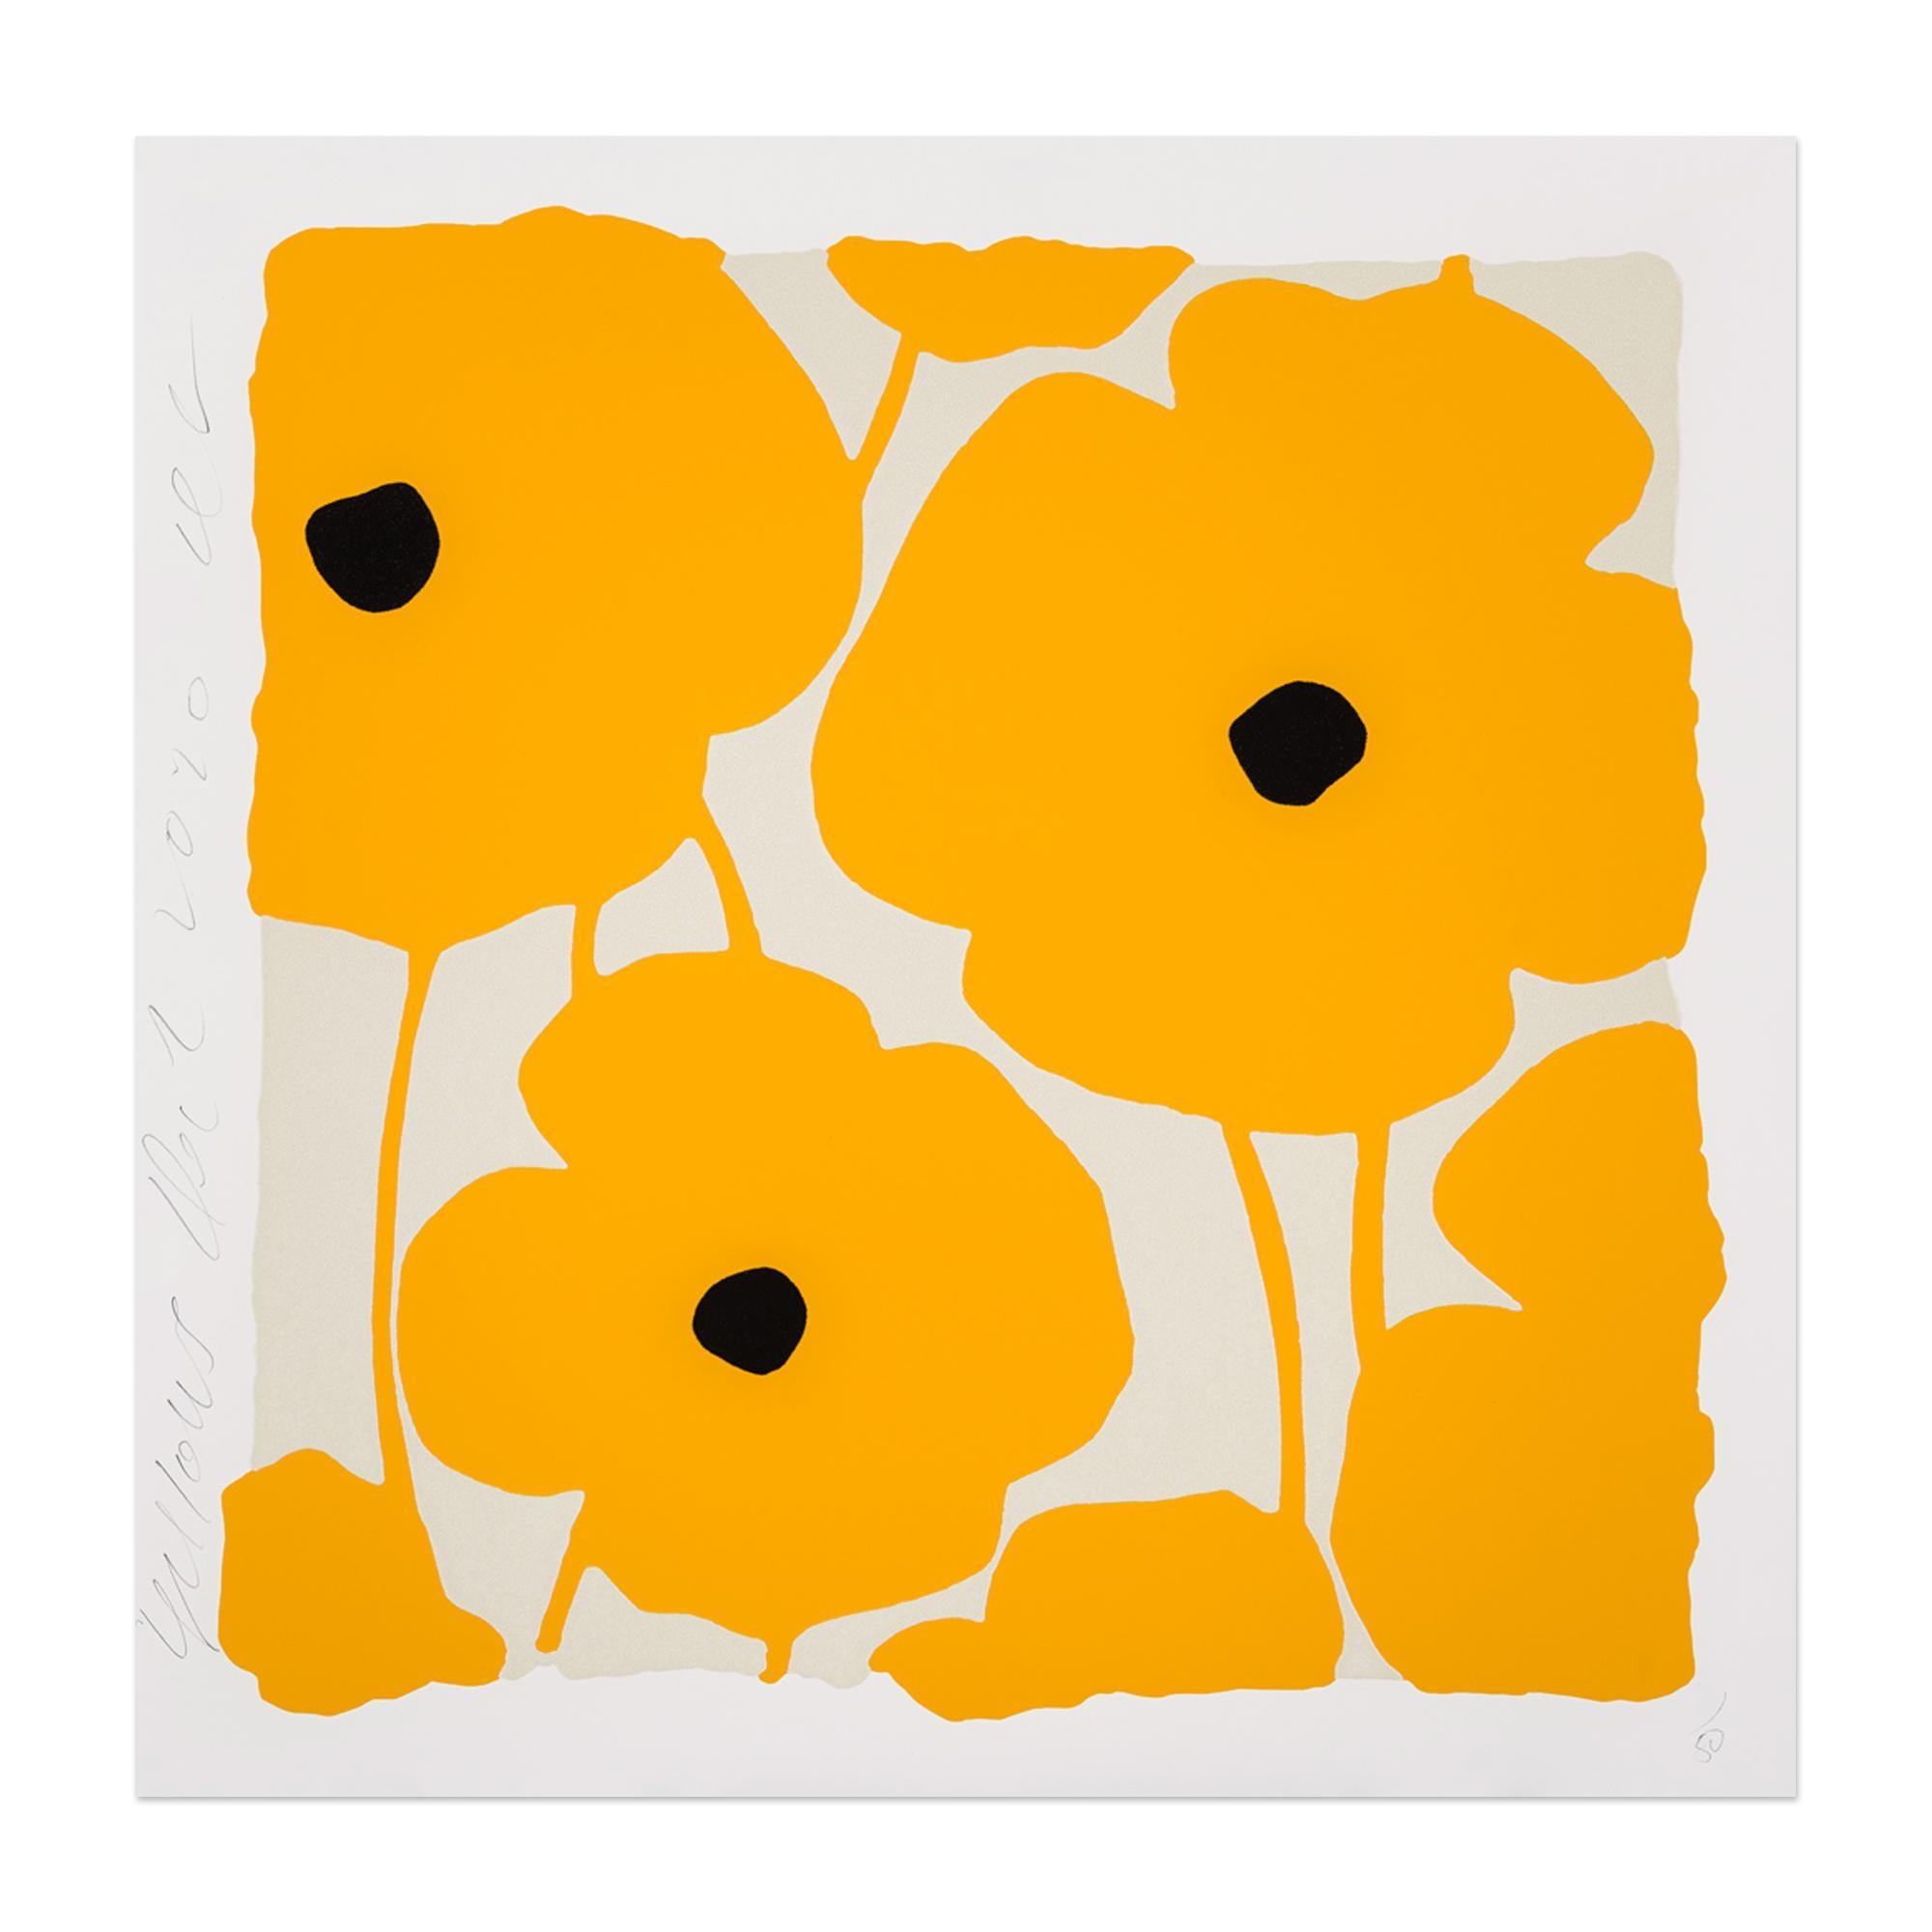 Yellows, Flower Still-Life, Contemporary Art, Pop Art